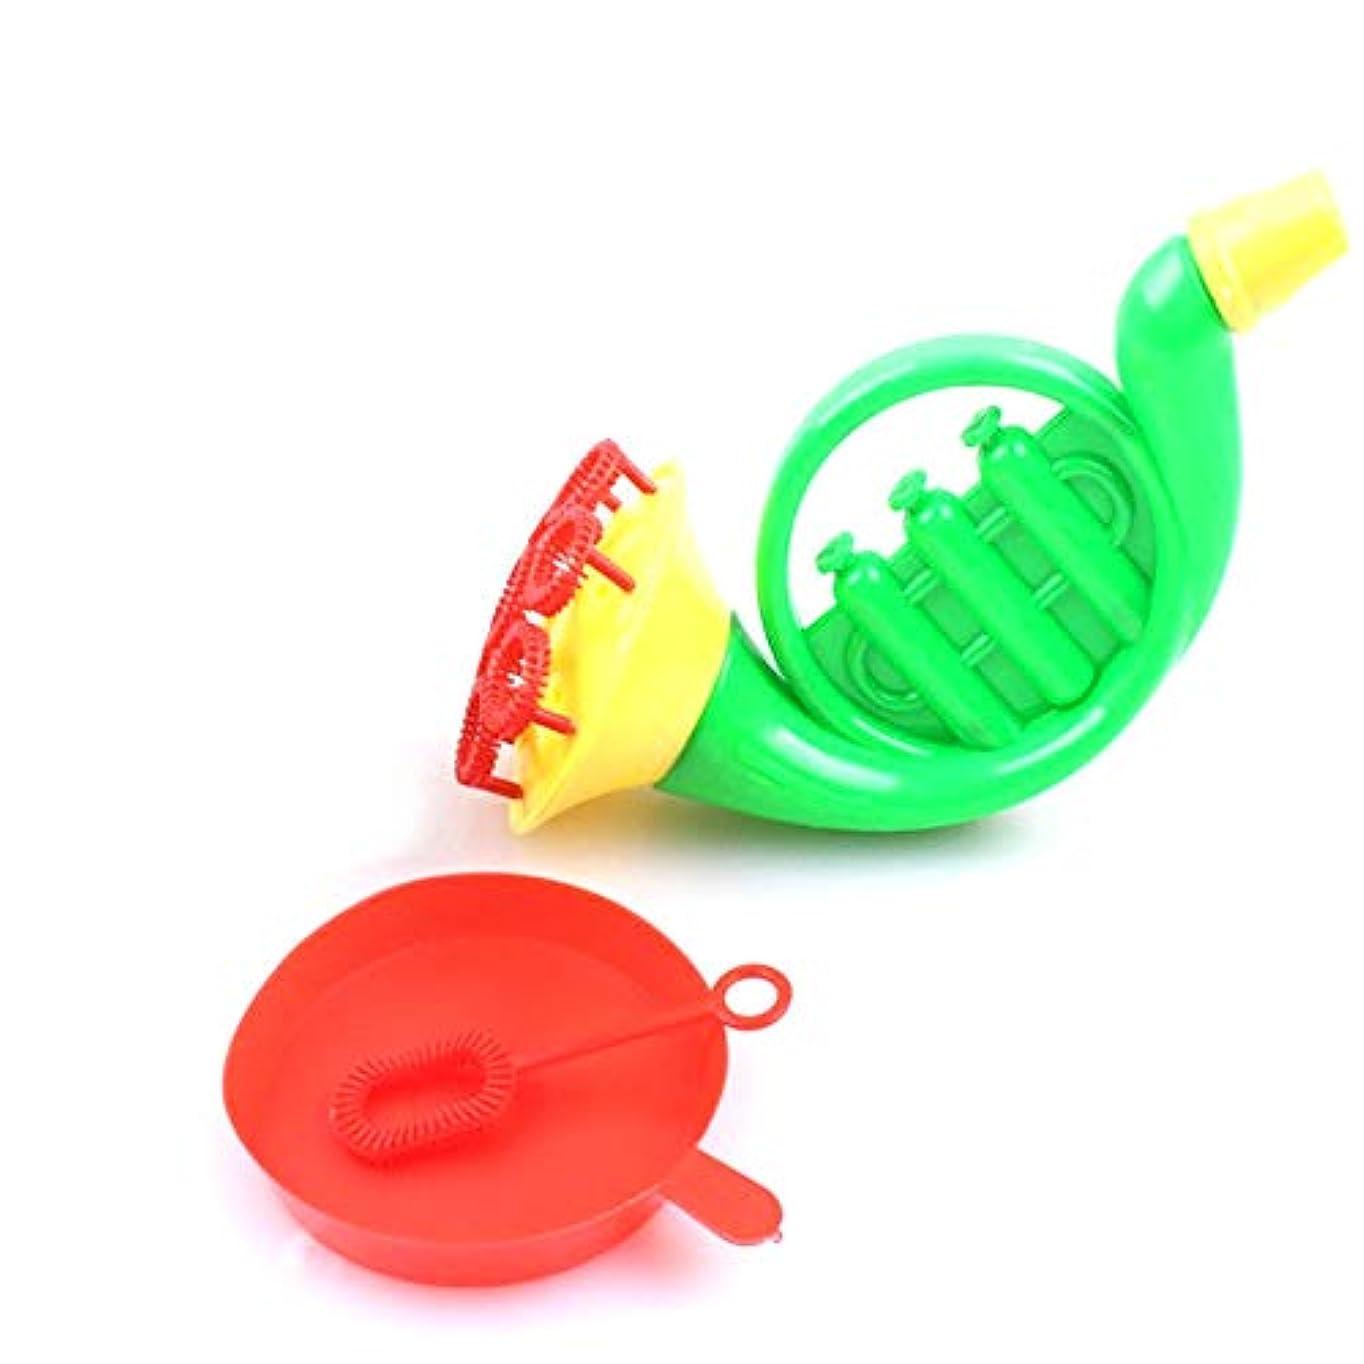 キャンセル引き出すスカルク[CXZC] 面白い 泡機 魔法の泡 手作り 教育 学習 楽器 安全